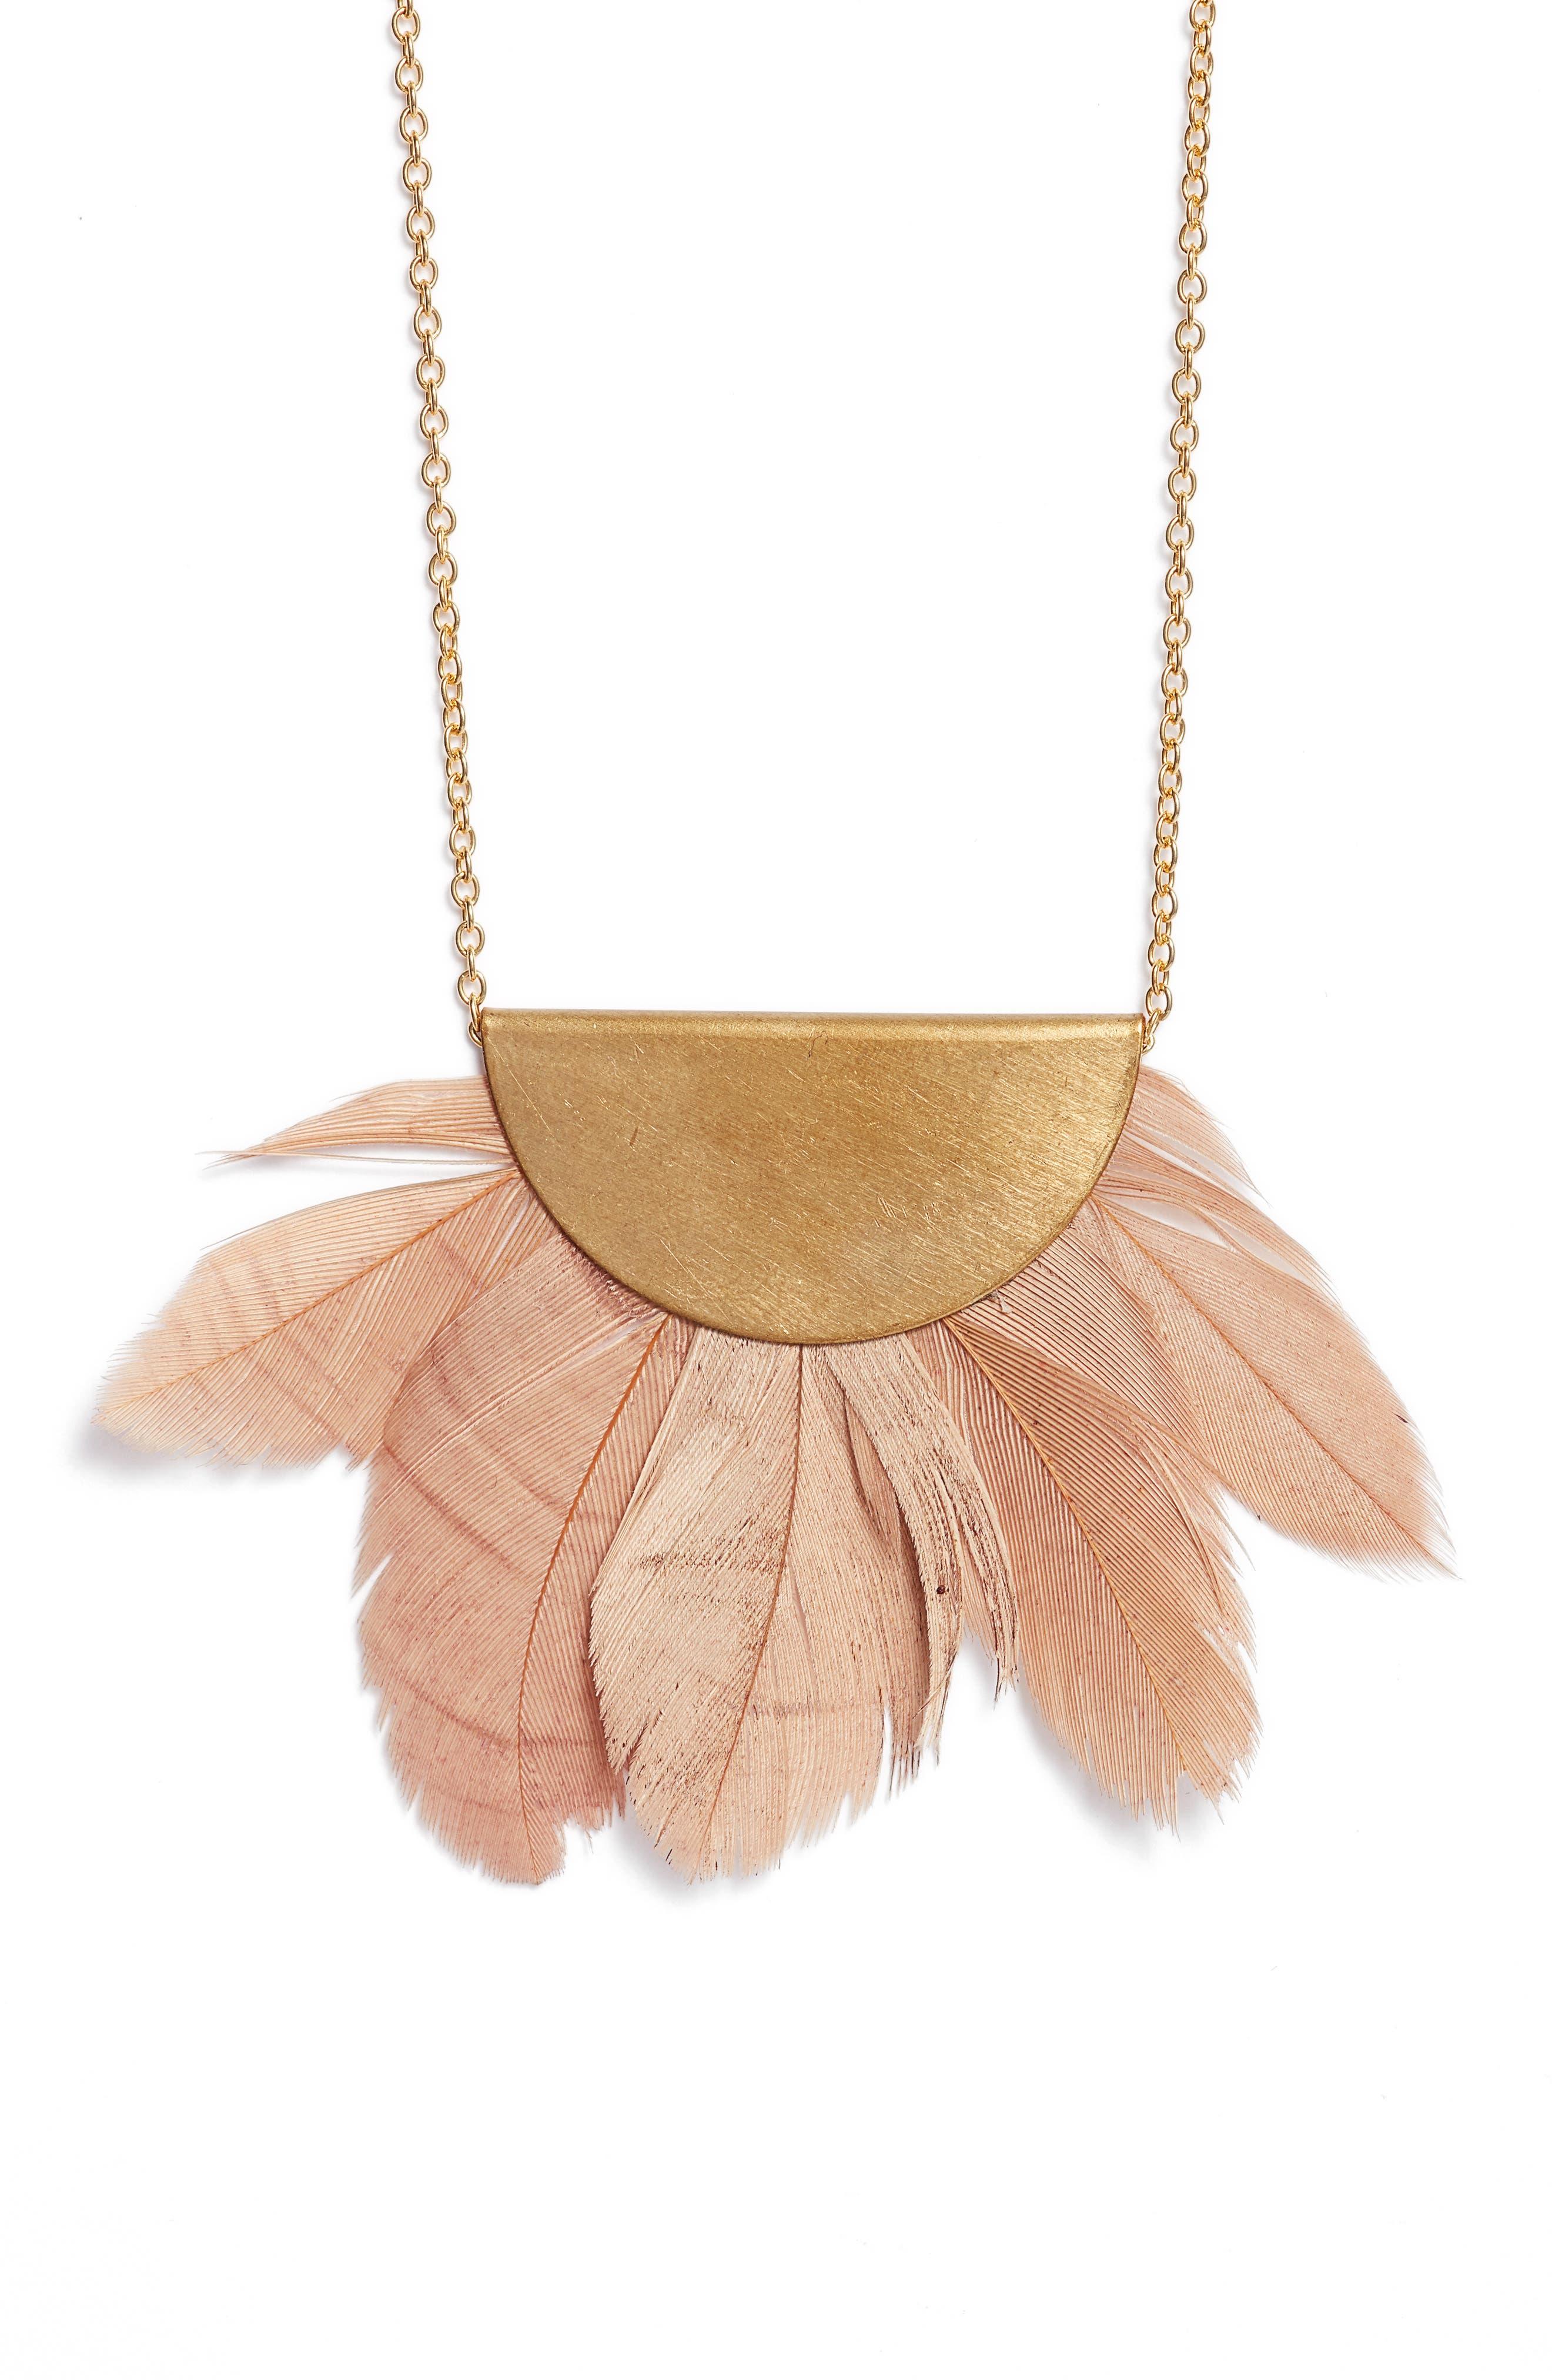 Feather Fan Pendant Necklace,                         Main,                         color, Gold/ Blush